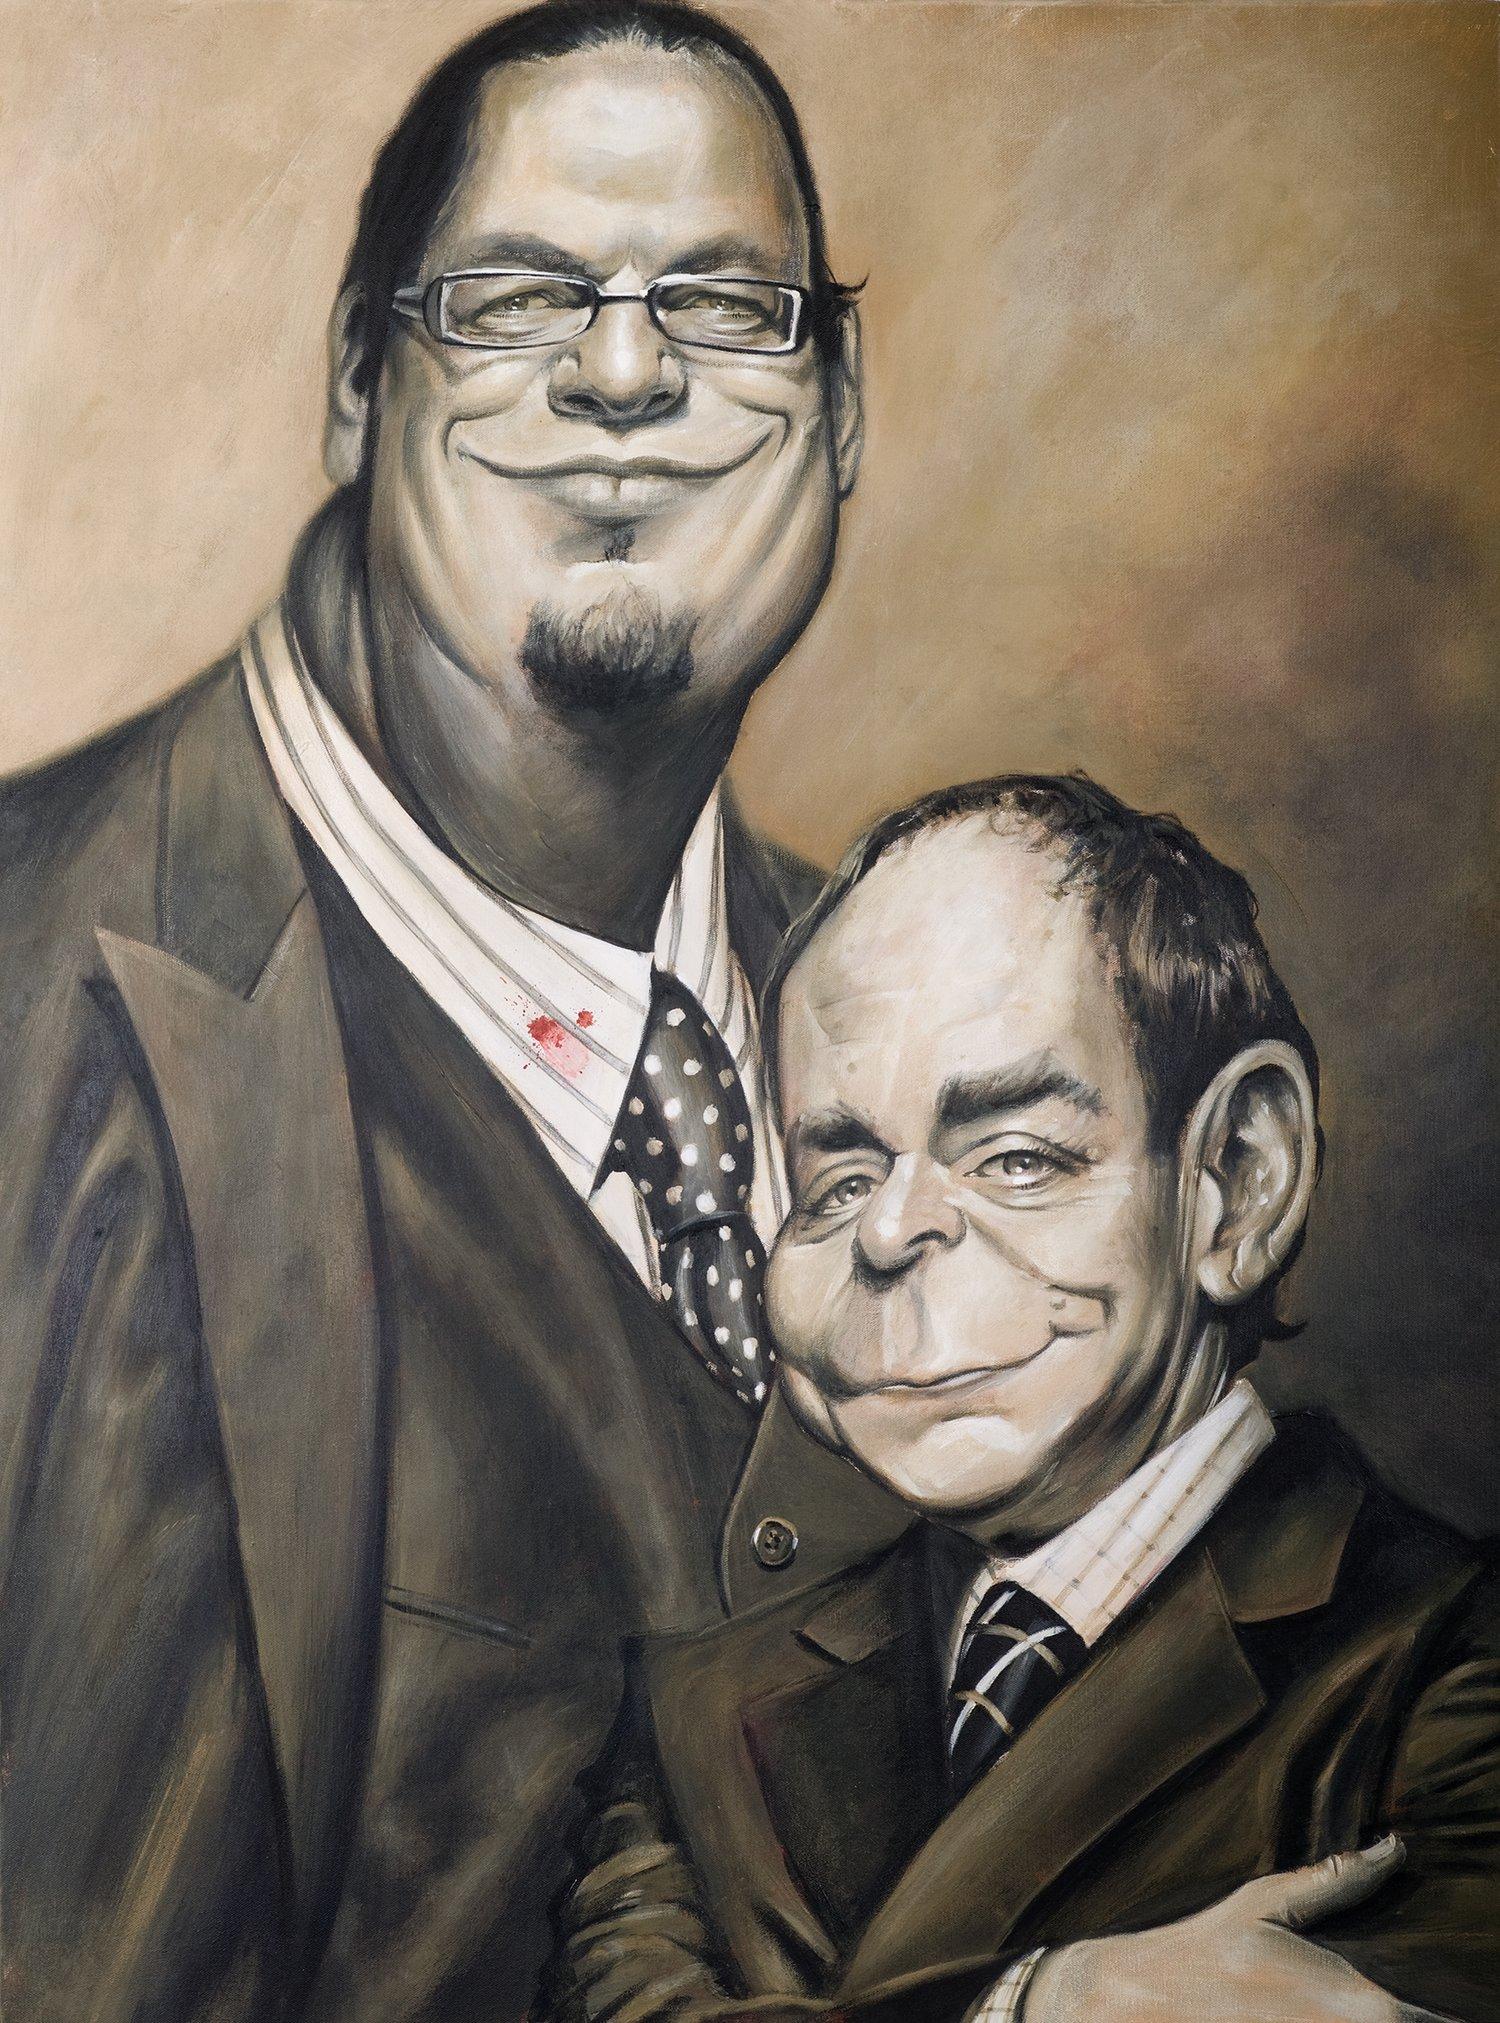 Image of Penn & Teller